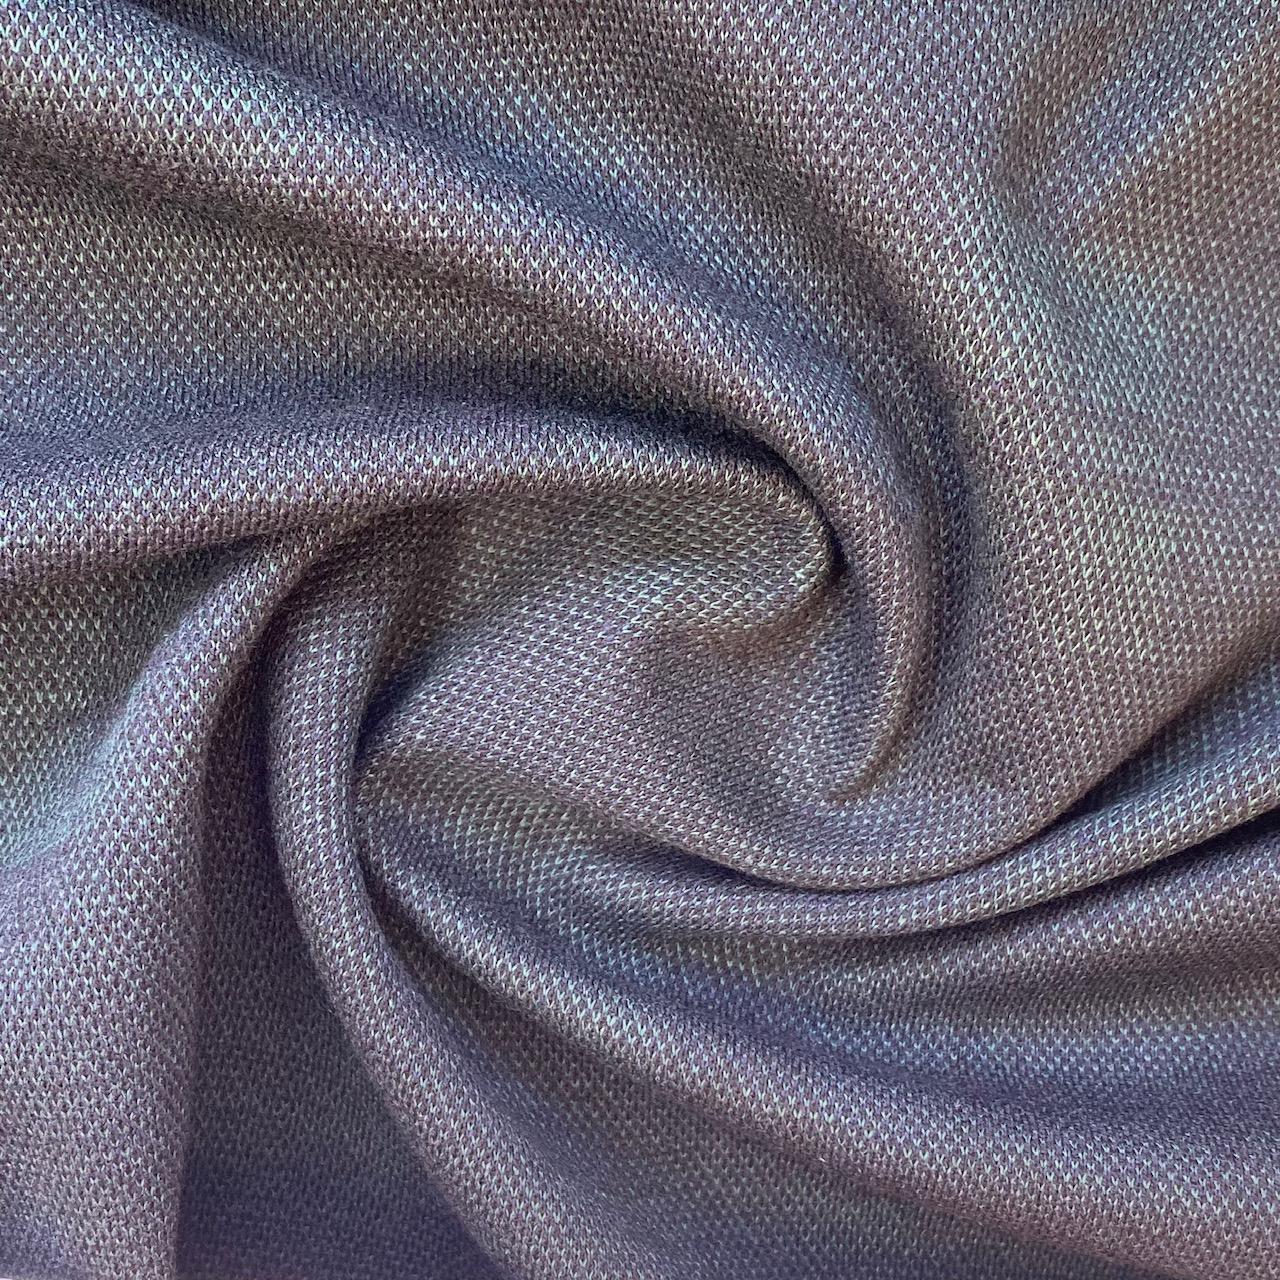 Strick Jacquard aus recycelter Baumwolle, Karo. Art. 411011